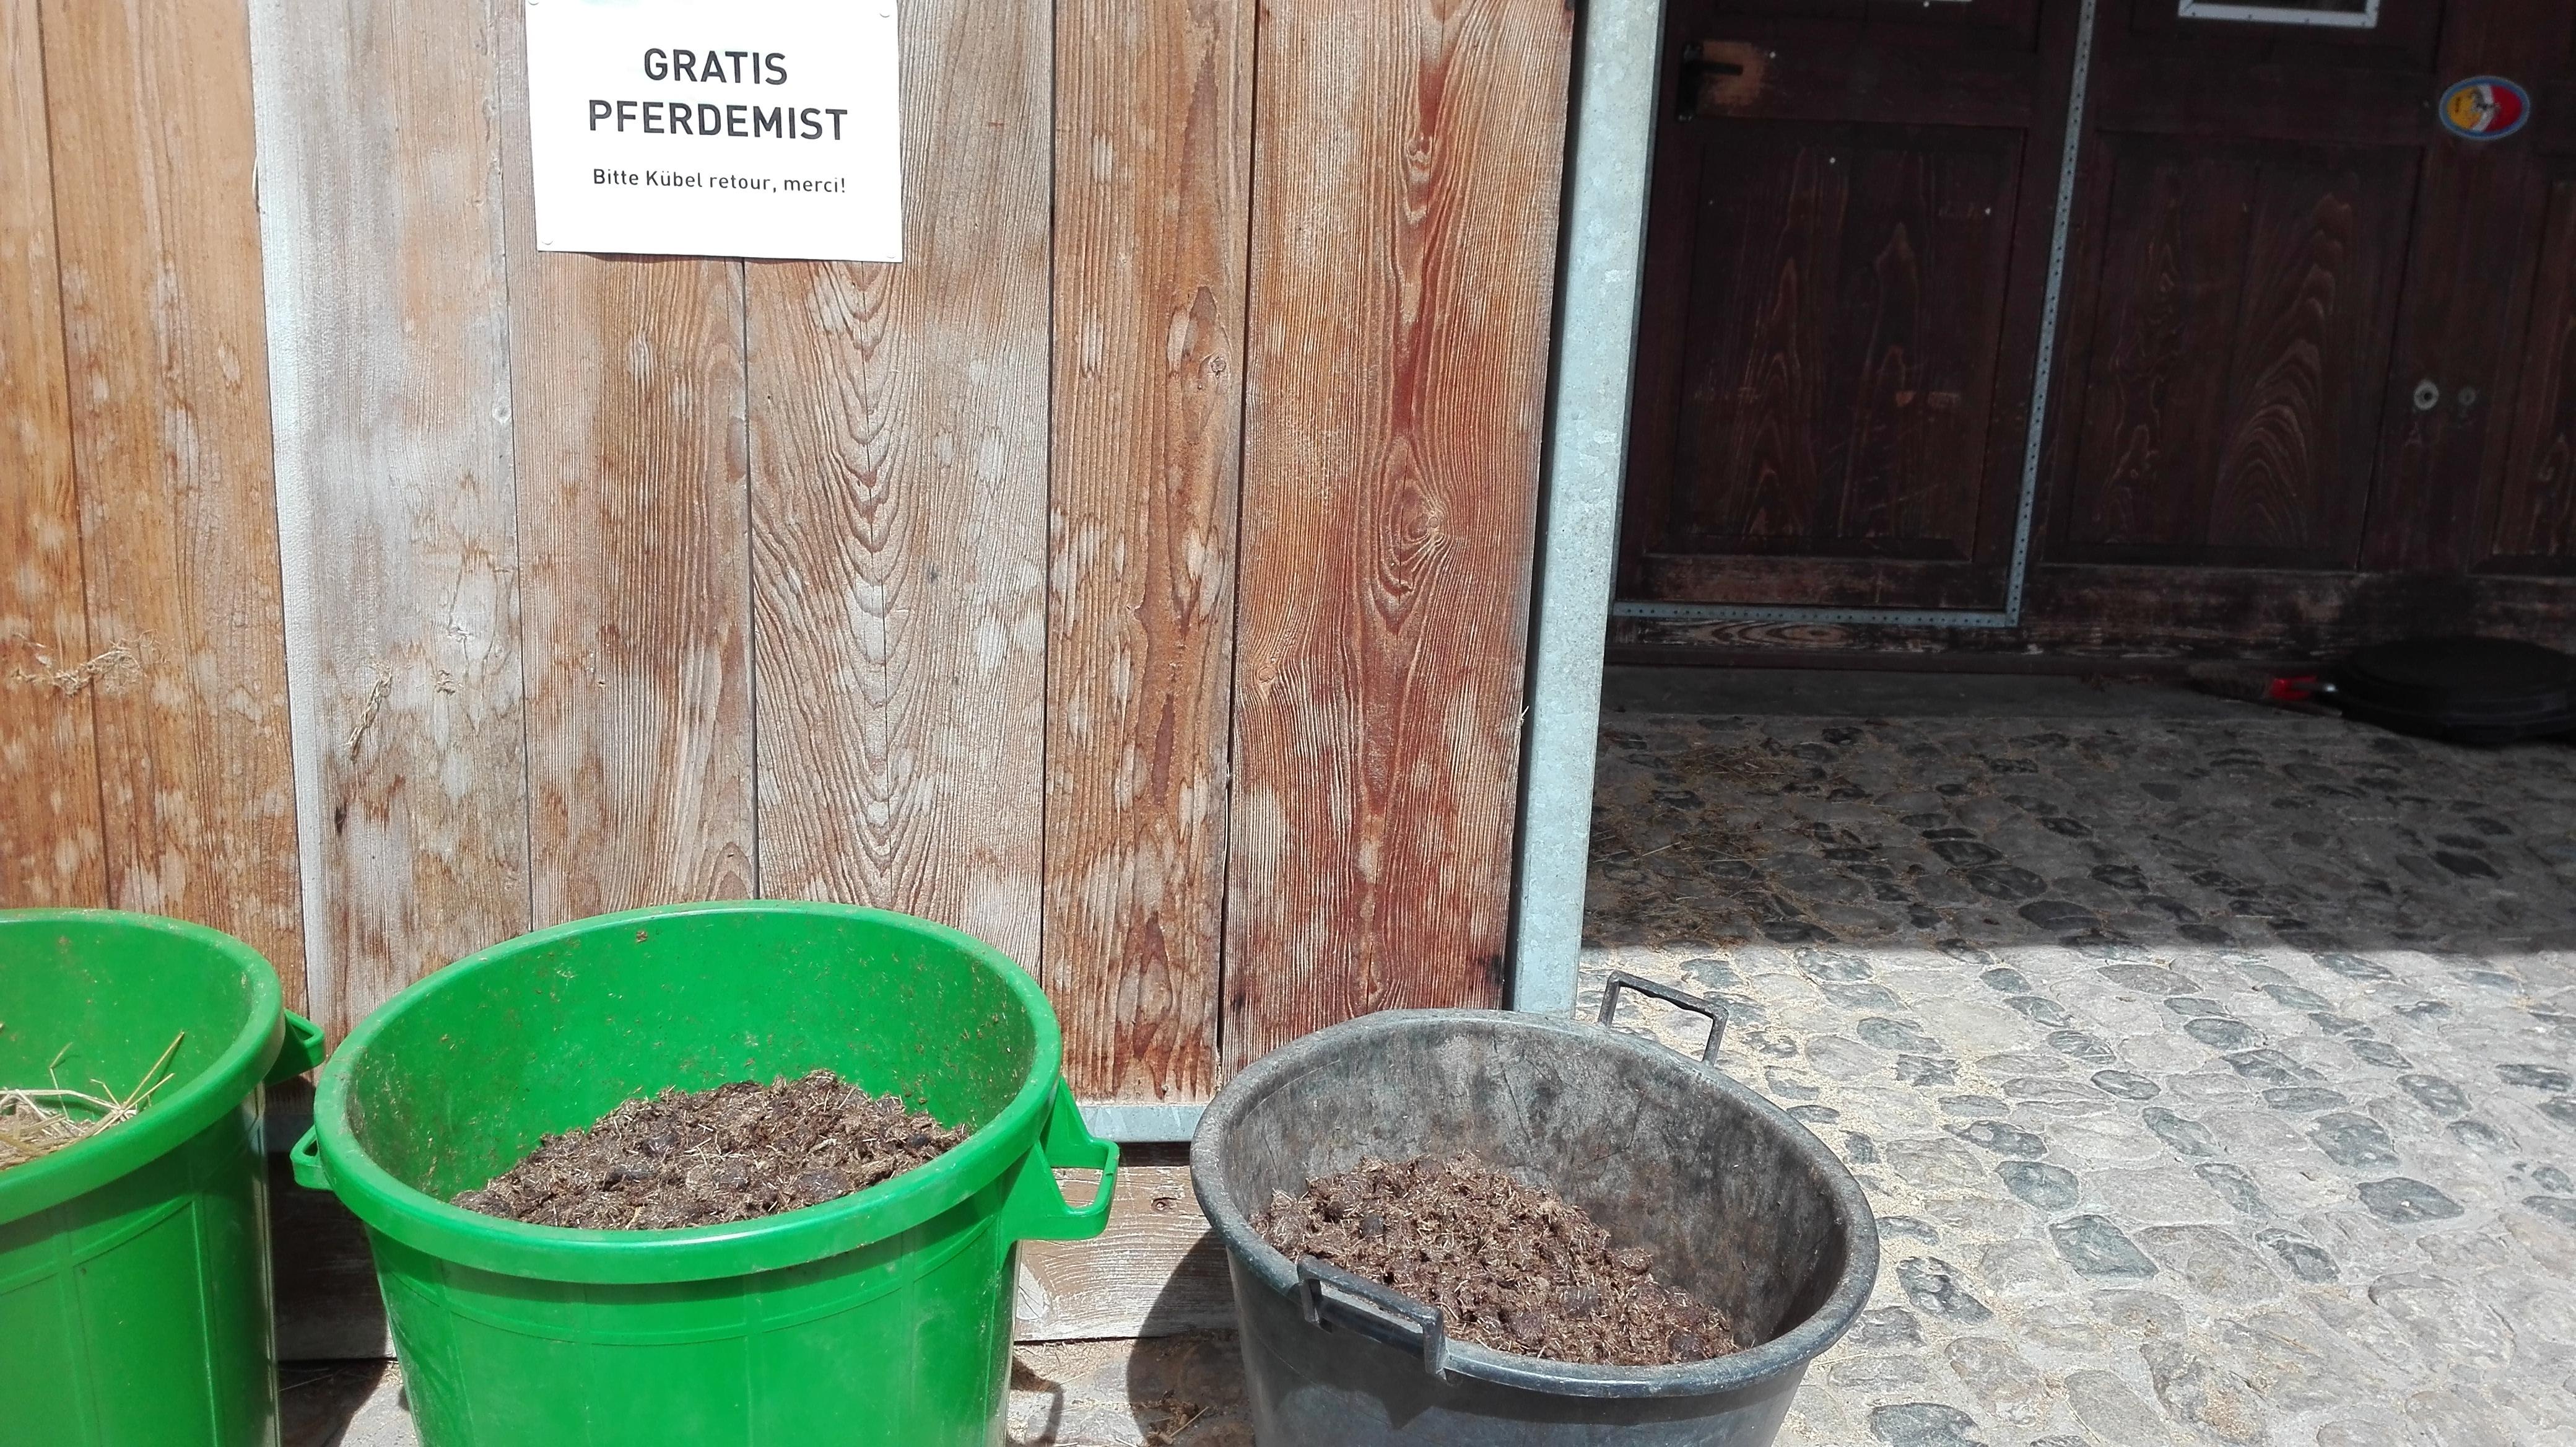 Beliebt Bevorzugt Pferdemist für den Garten - Cutohof @HF_84